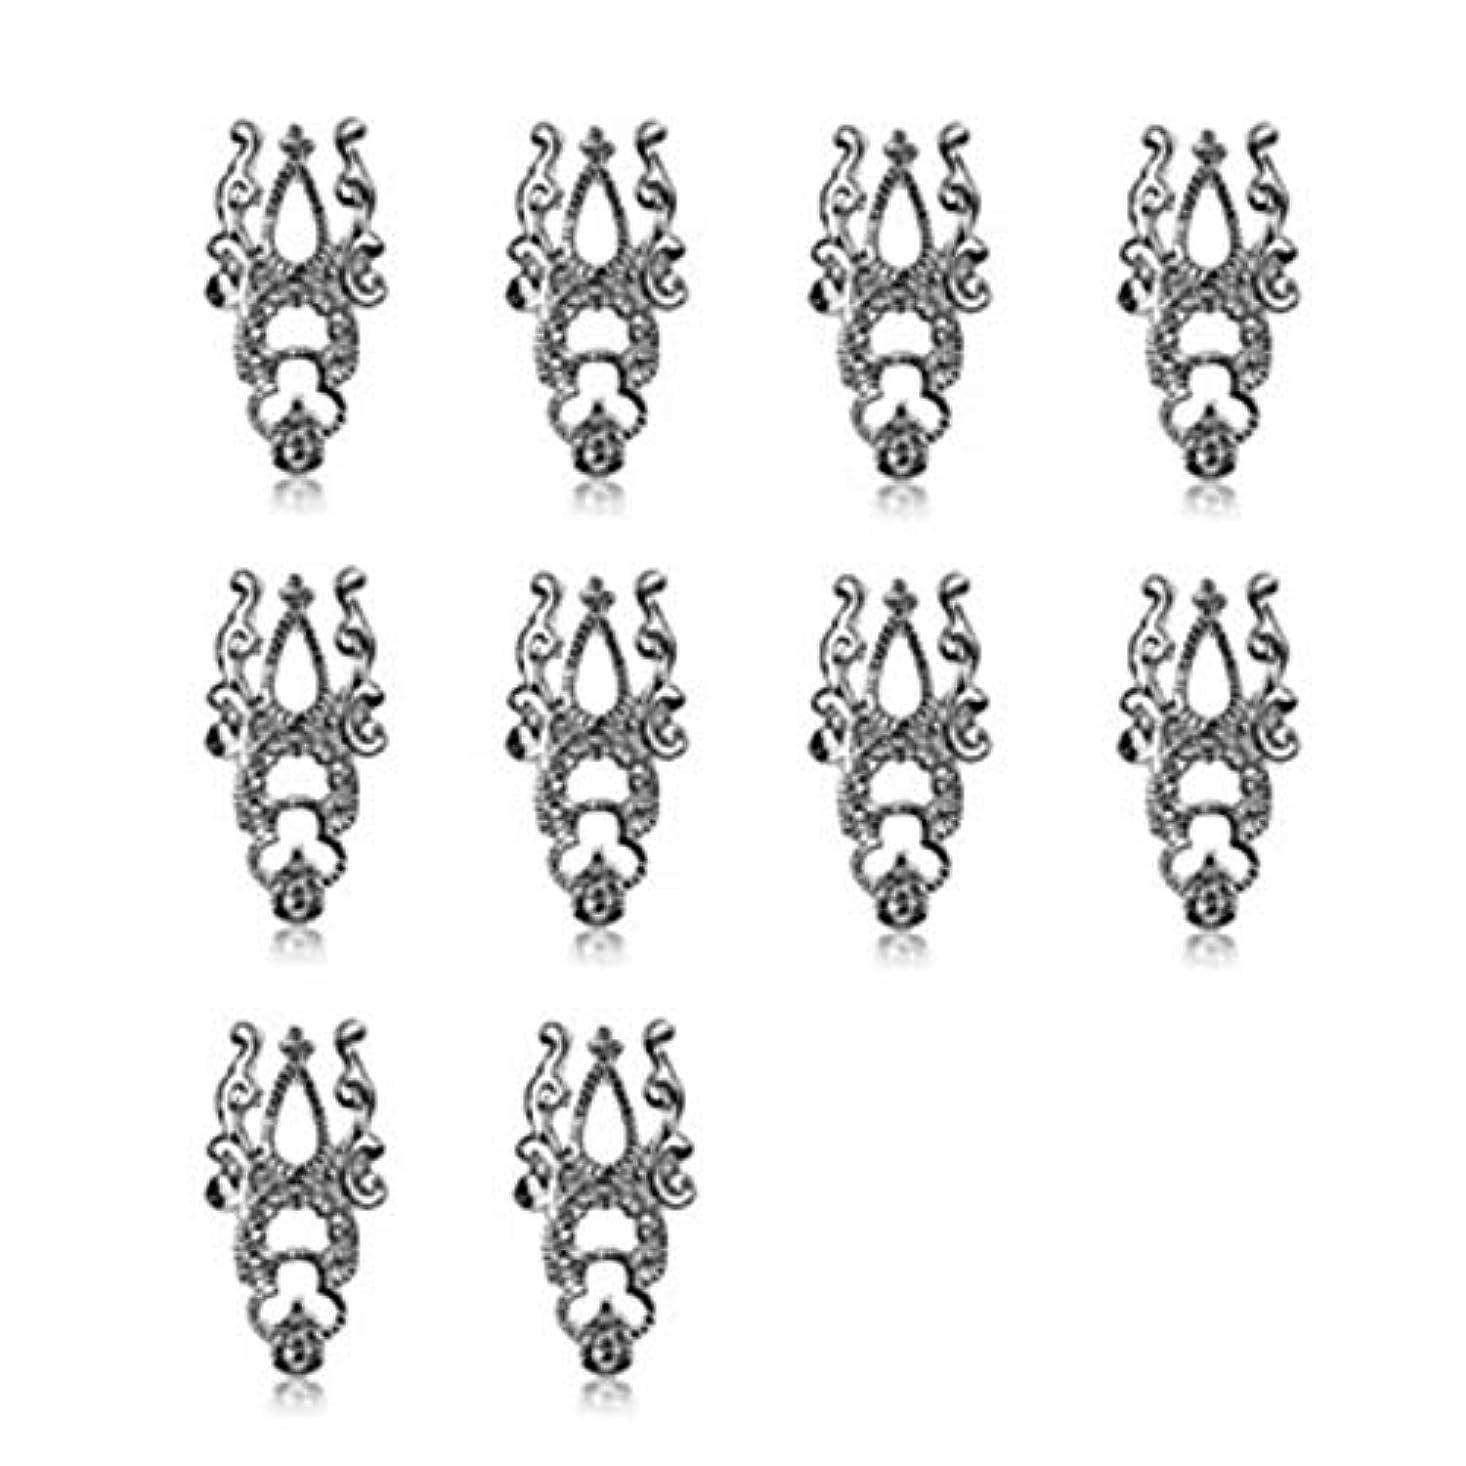 通行人殺人者アセ10ピース3d中空ネイルアート合金のヒント装飾ジュエリーキラキララインストーン,Silver